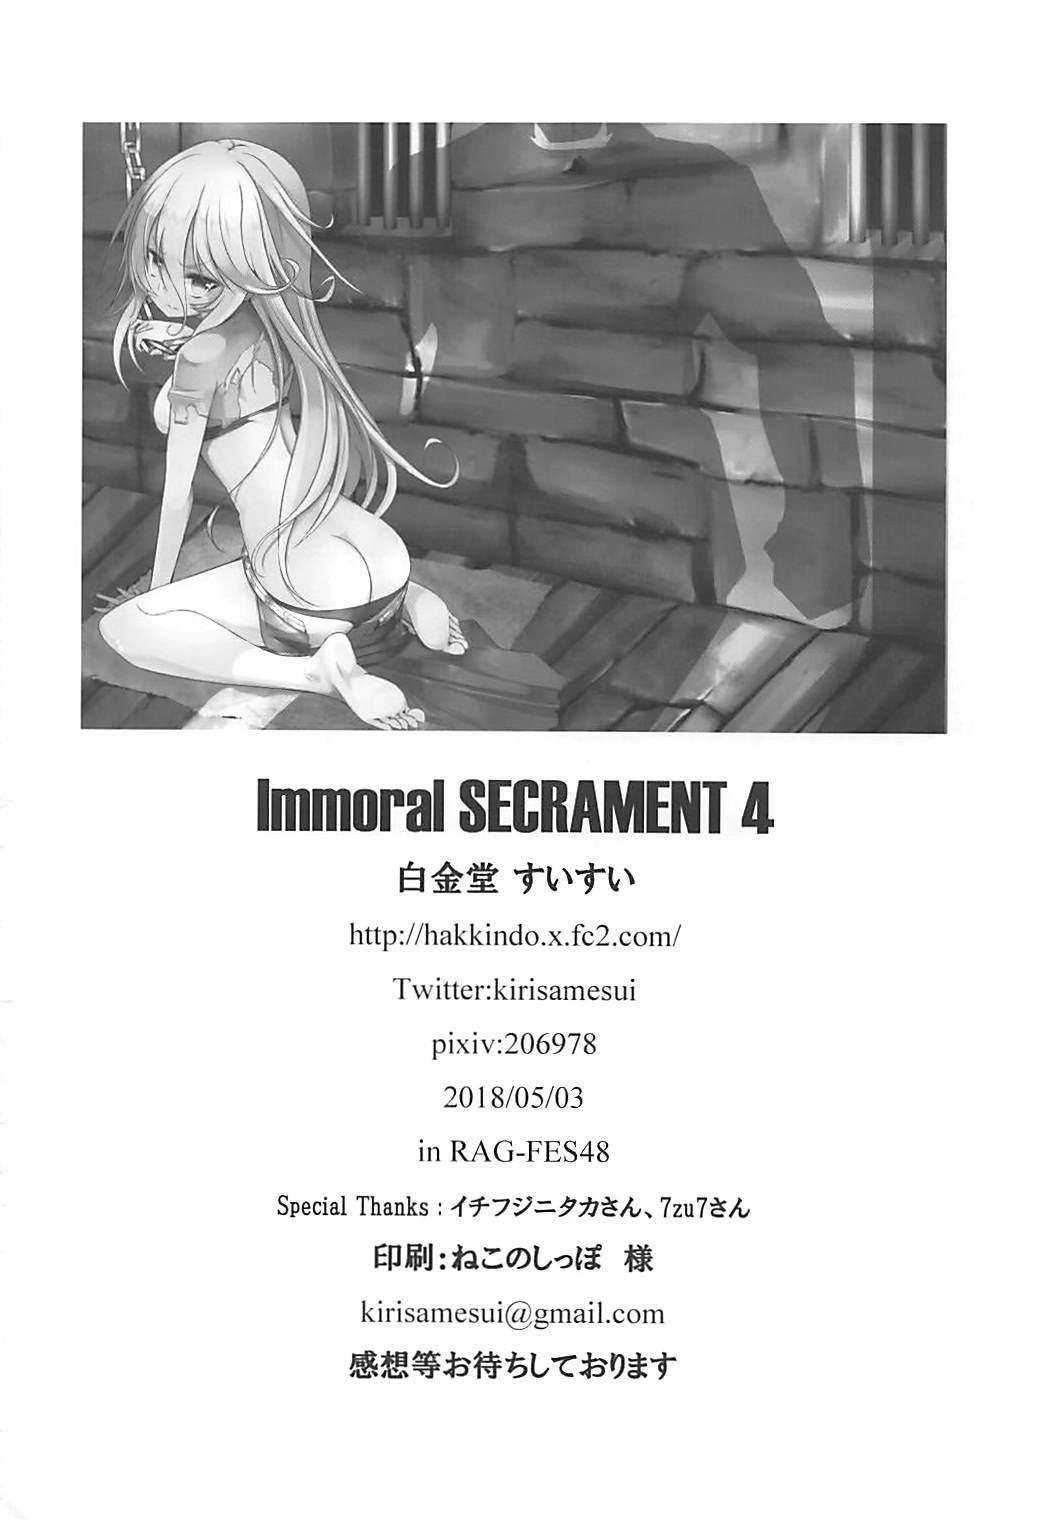 Immoral SECRAMENT 4 16